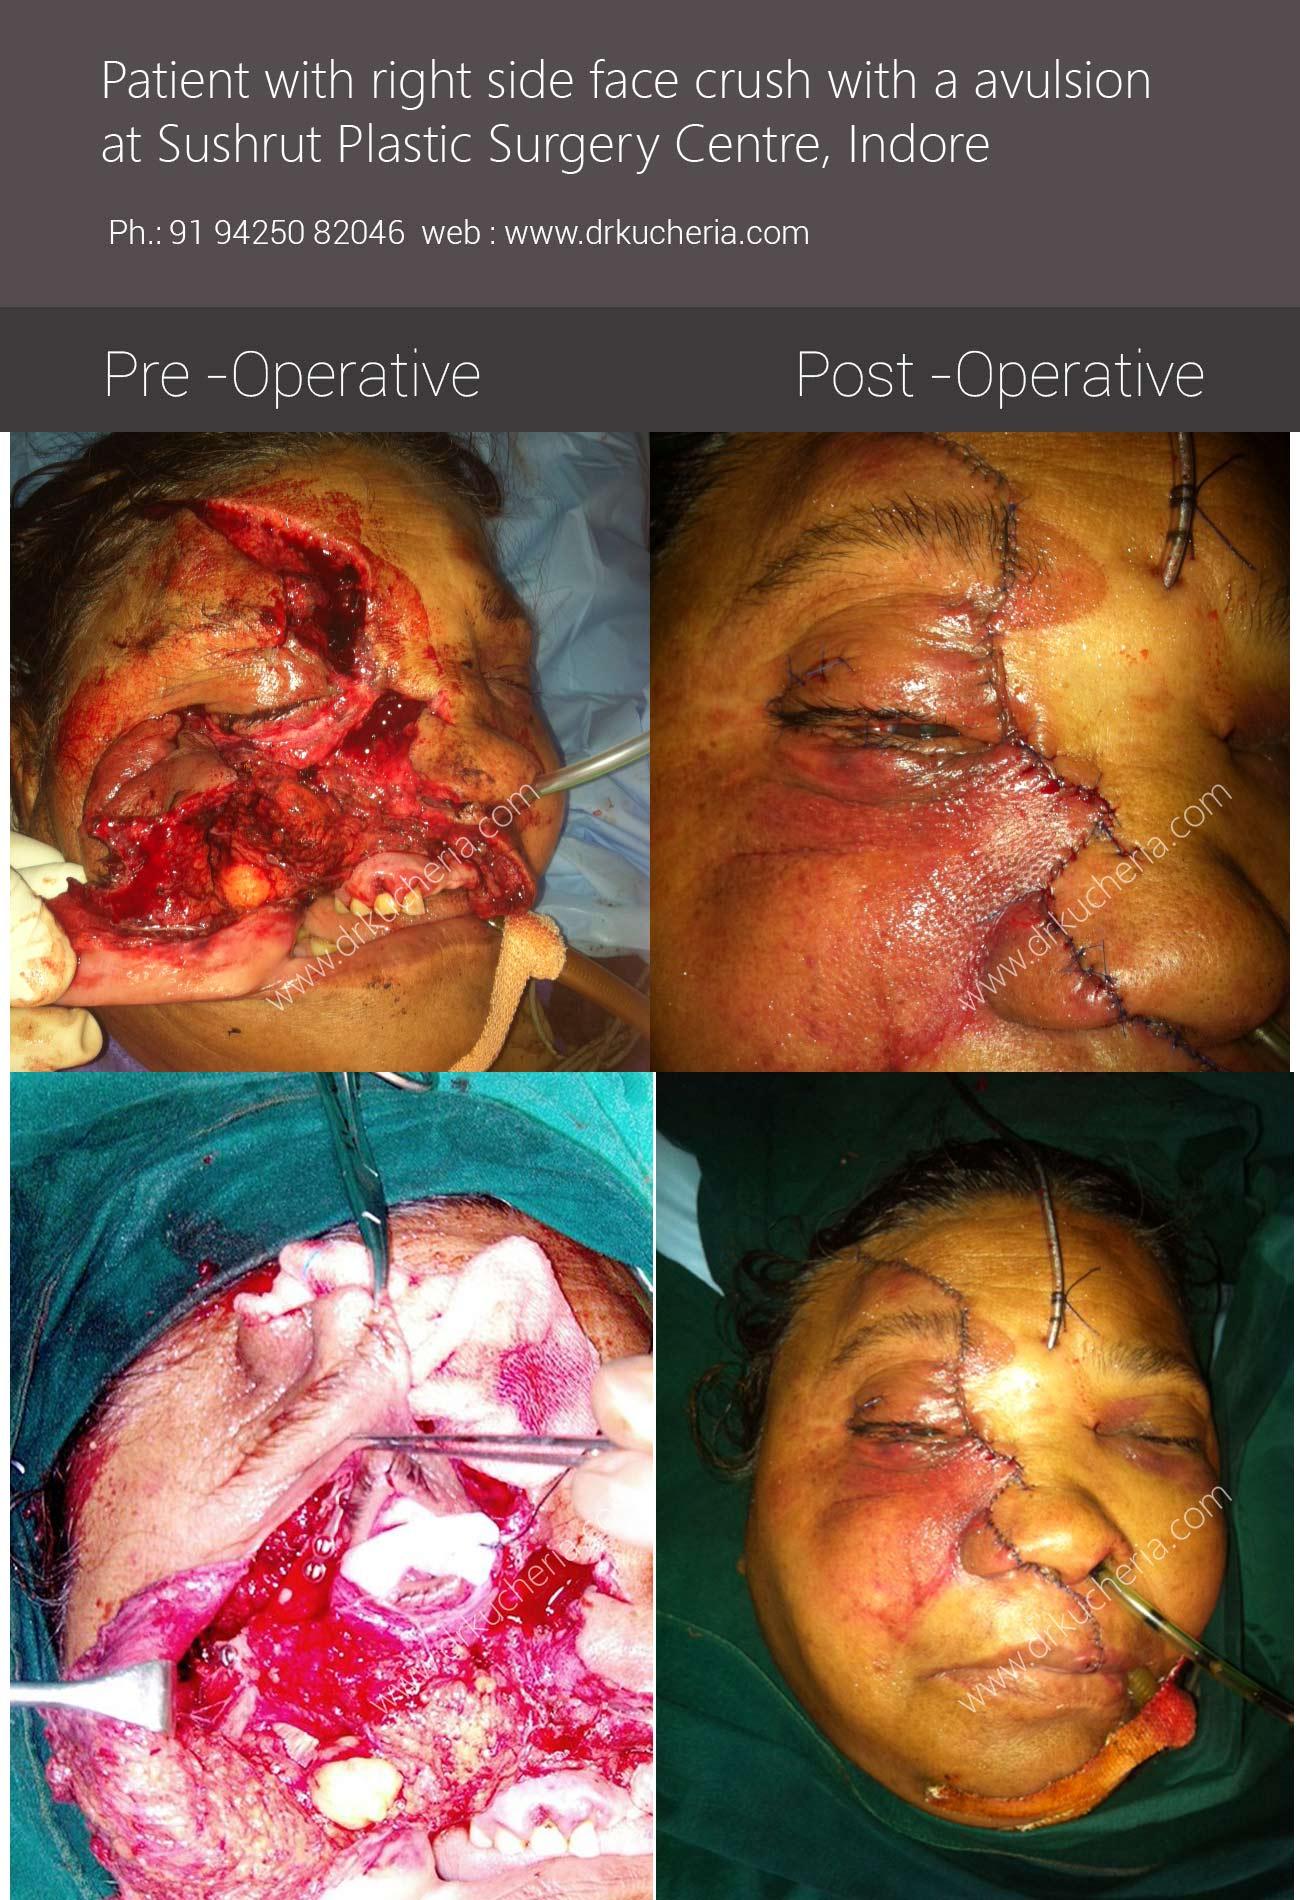 Sushrut-Plastic-Surgery-Centre-Indore-2014